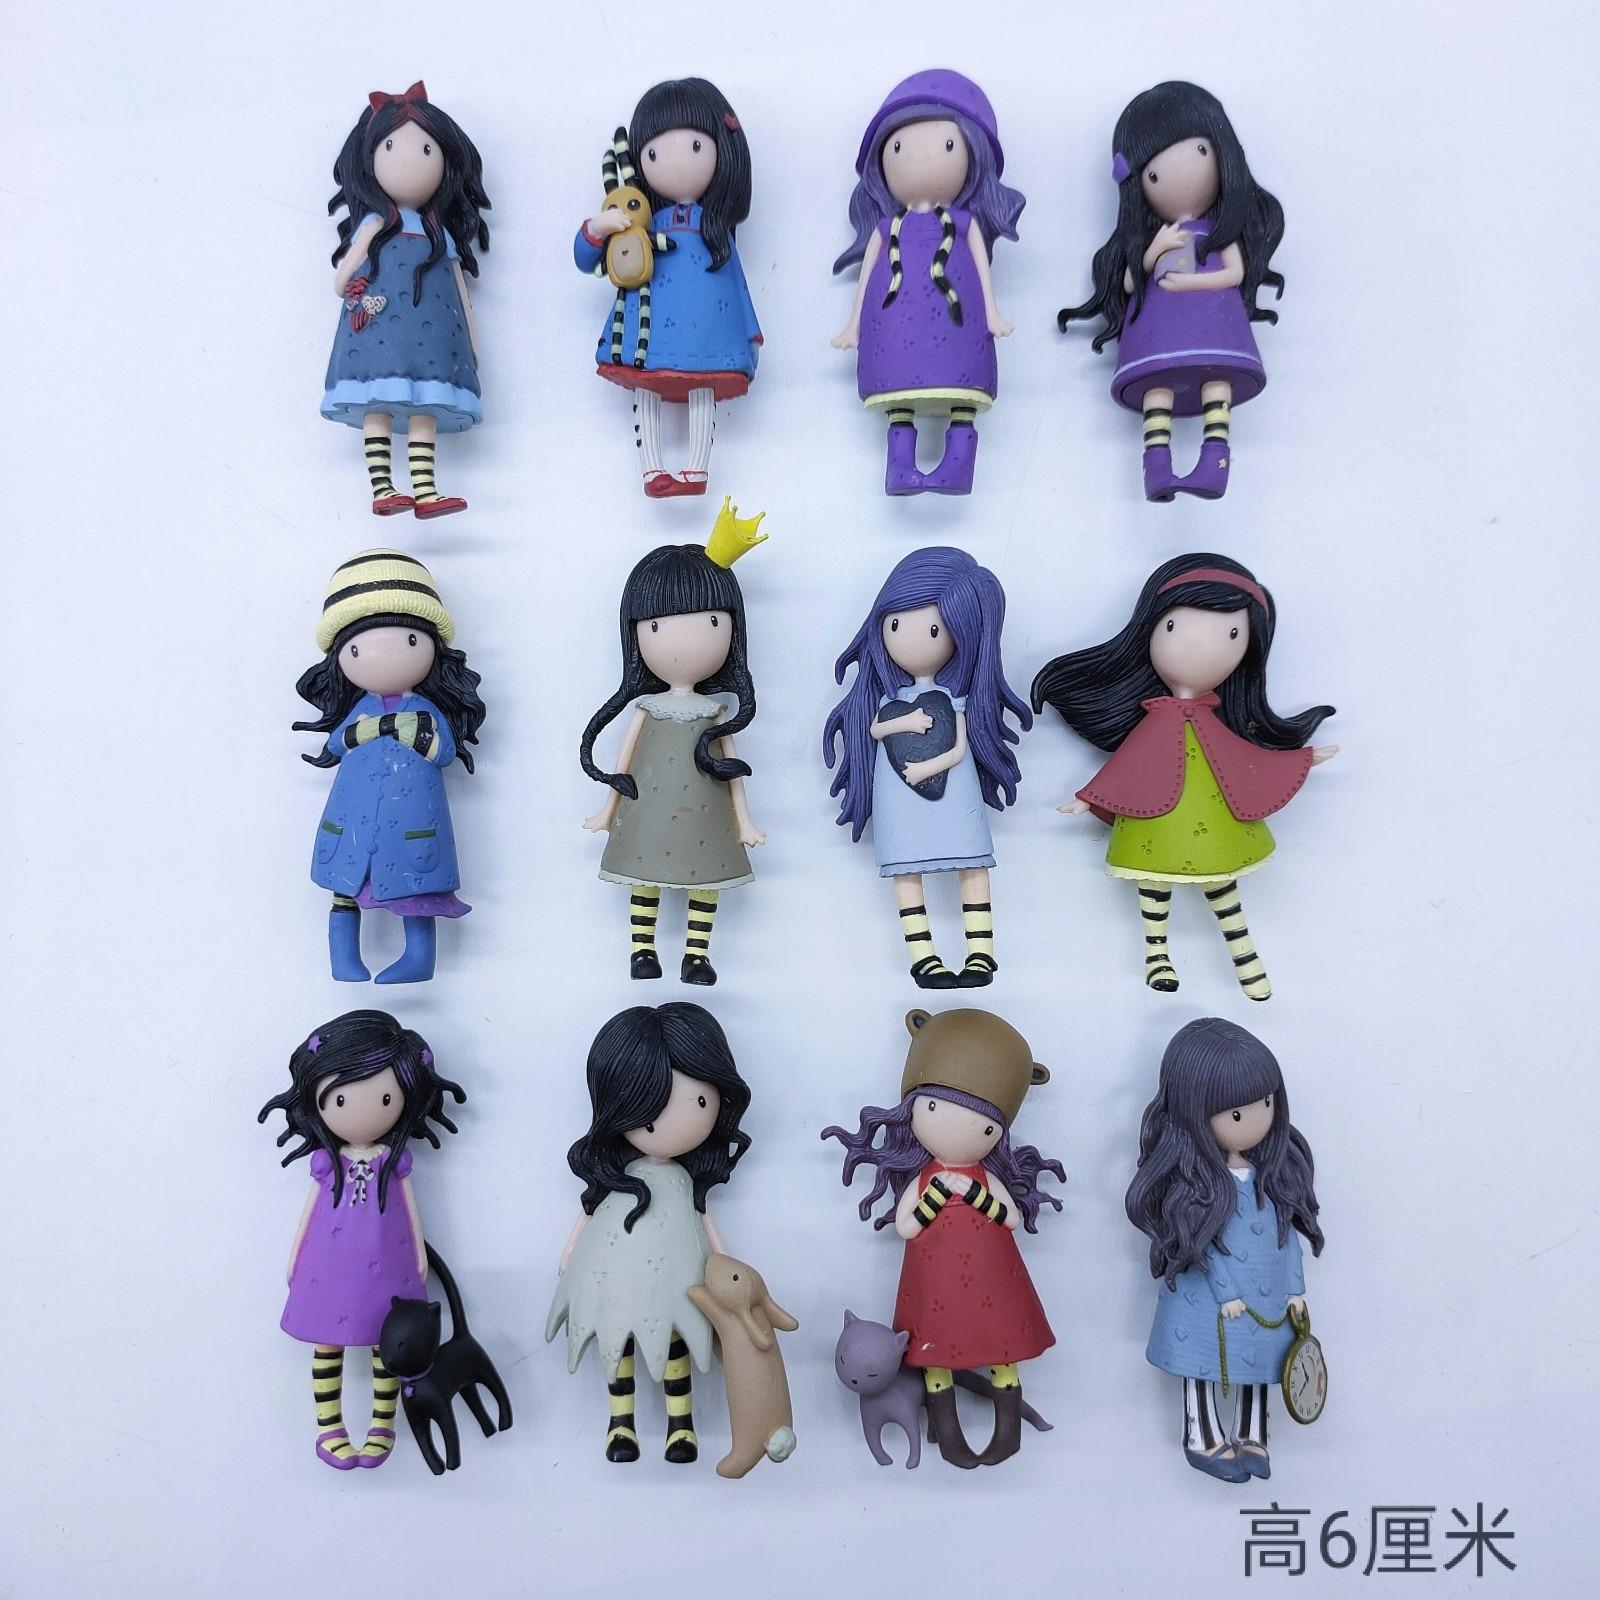 Маленький Пластик Santoro London Gorjuss художник живопись девушка Фэнтези девочка кукла модель пирожное кукла подарок для девочки